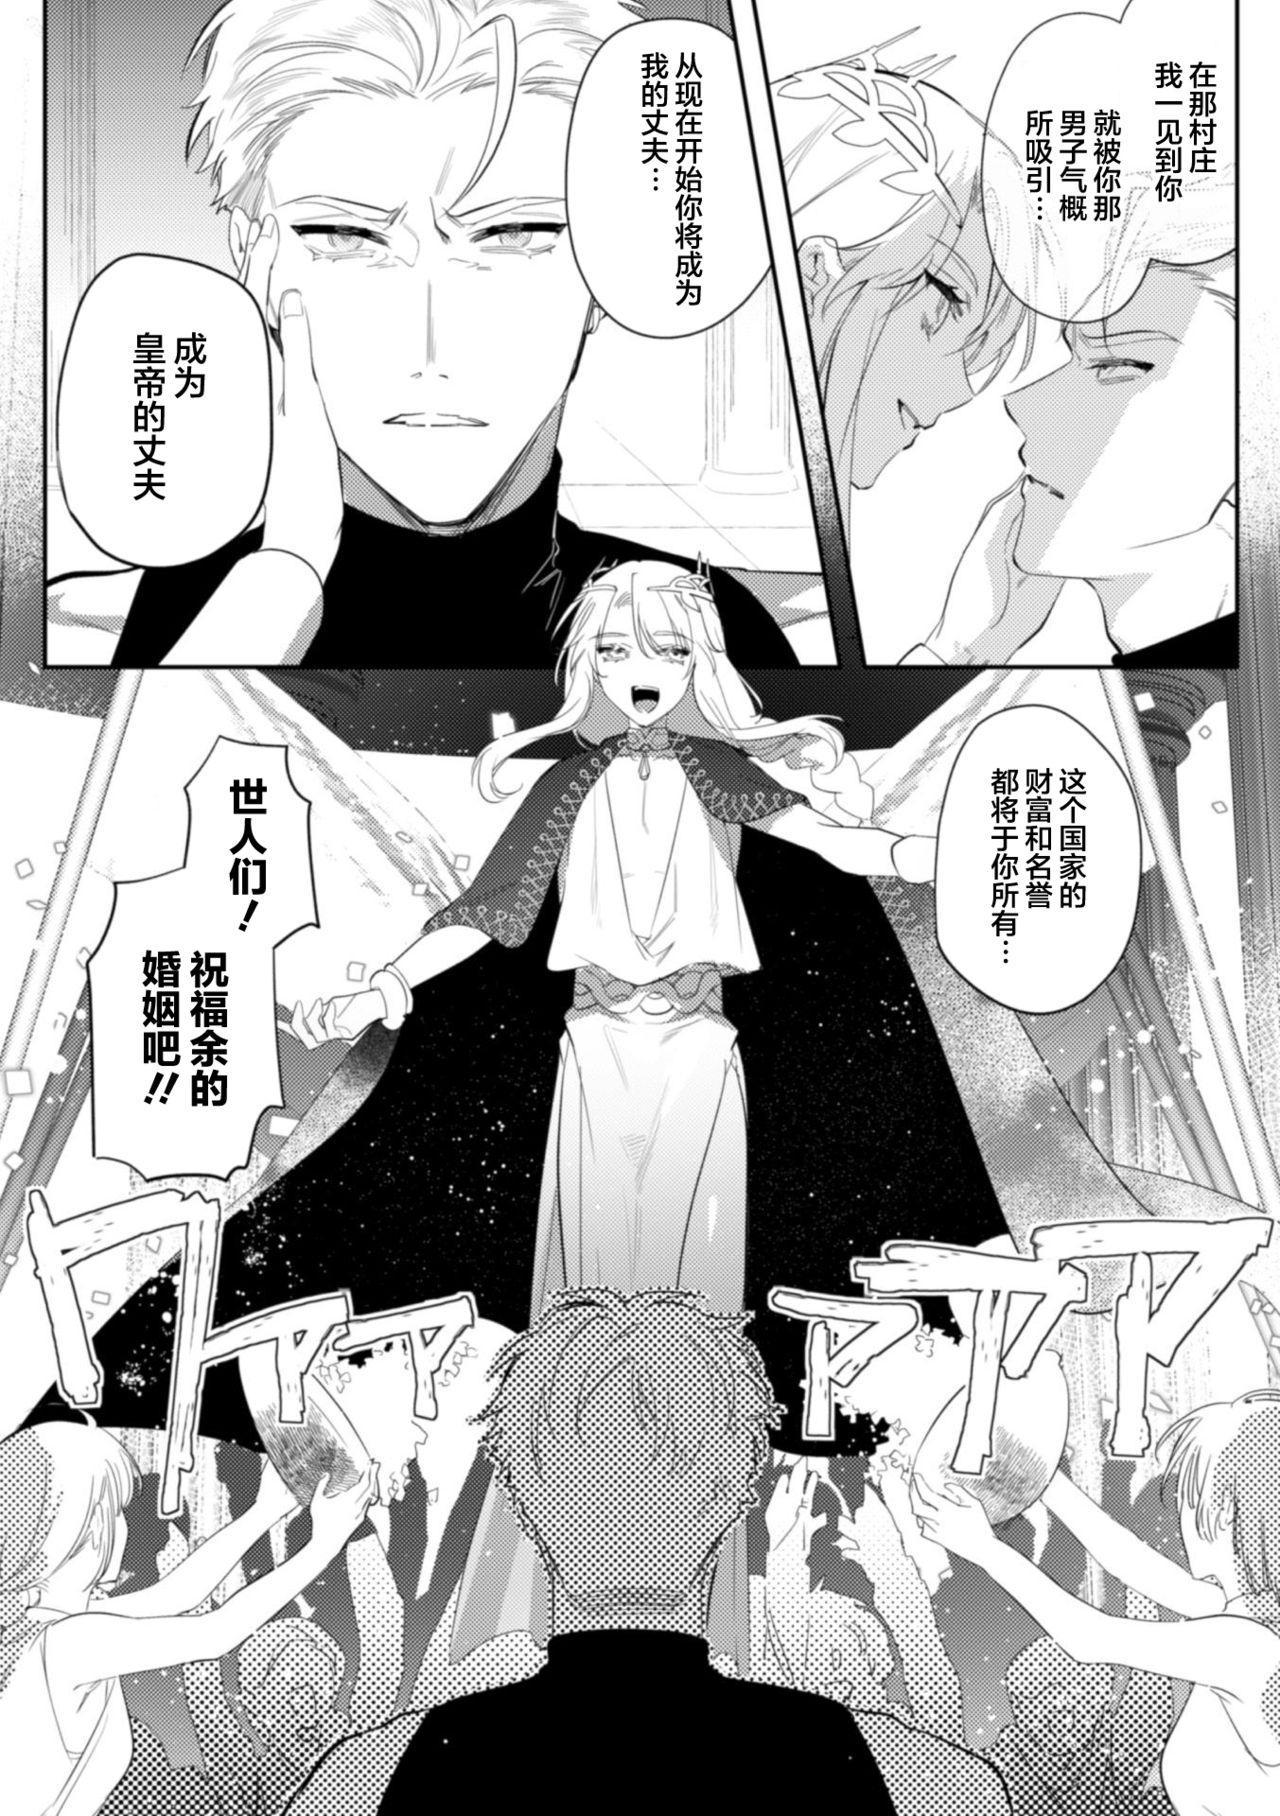 [Hagiyoshi] Intou Kyuuteishi ~Intei to Yobareta Bishounen~ Ch. 2Chinese]【不可视汉化】 11